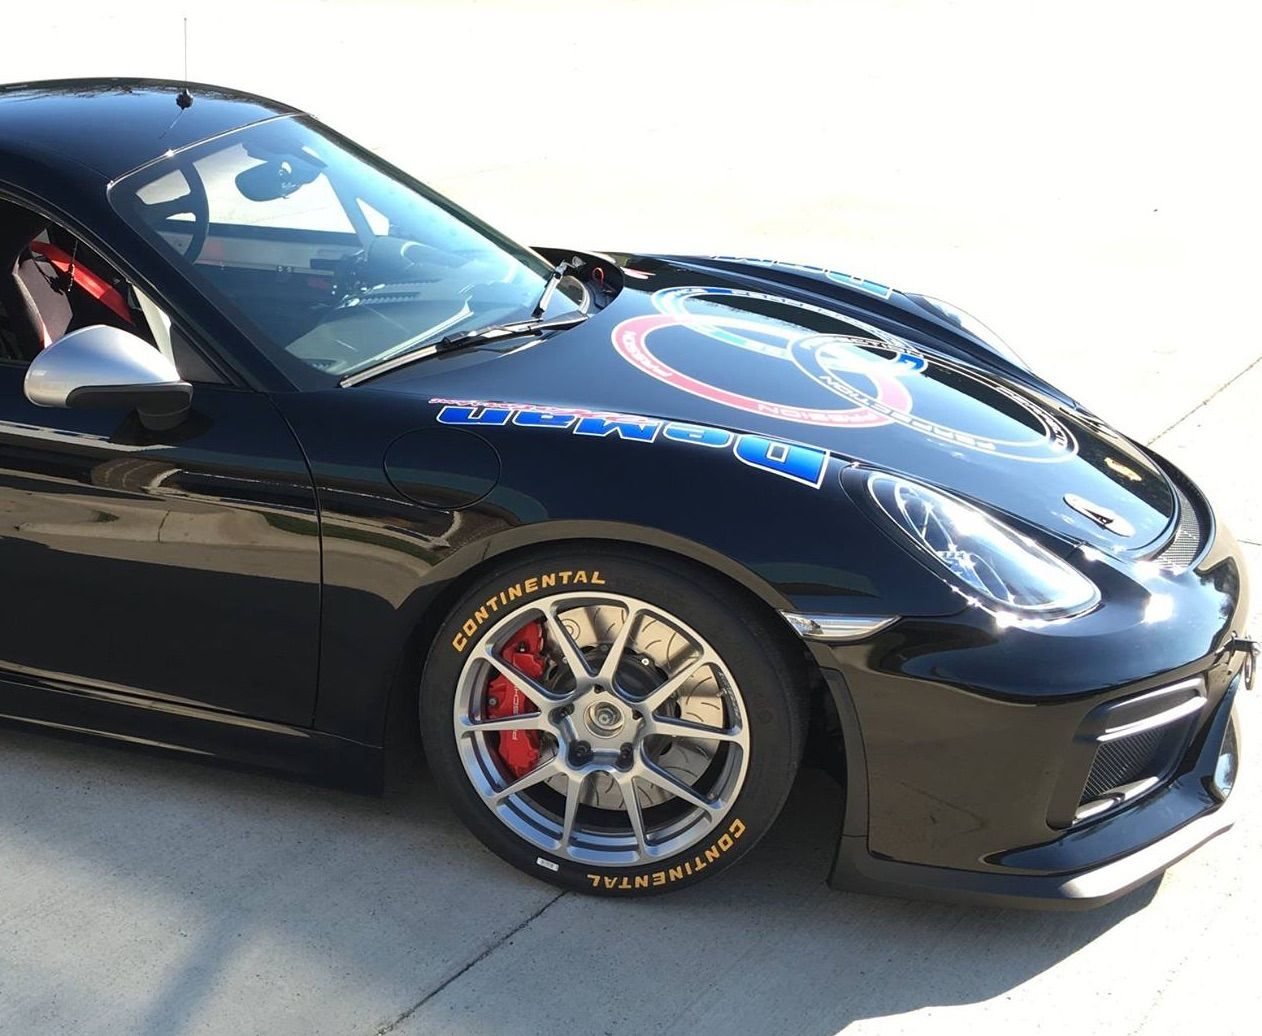 2016 Porsche Cayman | DeMan Motorsport Porsche Cayman GT4-R on Forgeline One Piece Forged Monoblock GS1R Wheels - Passenger Front Wheel